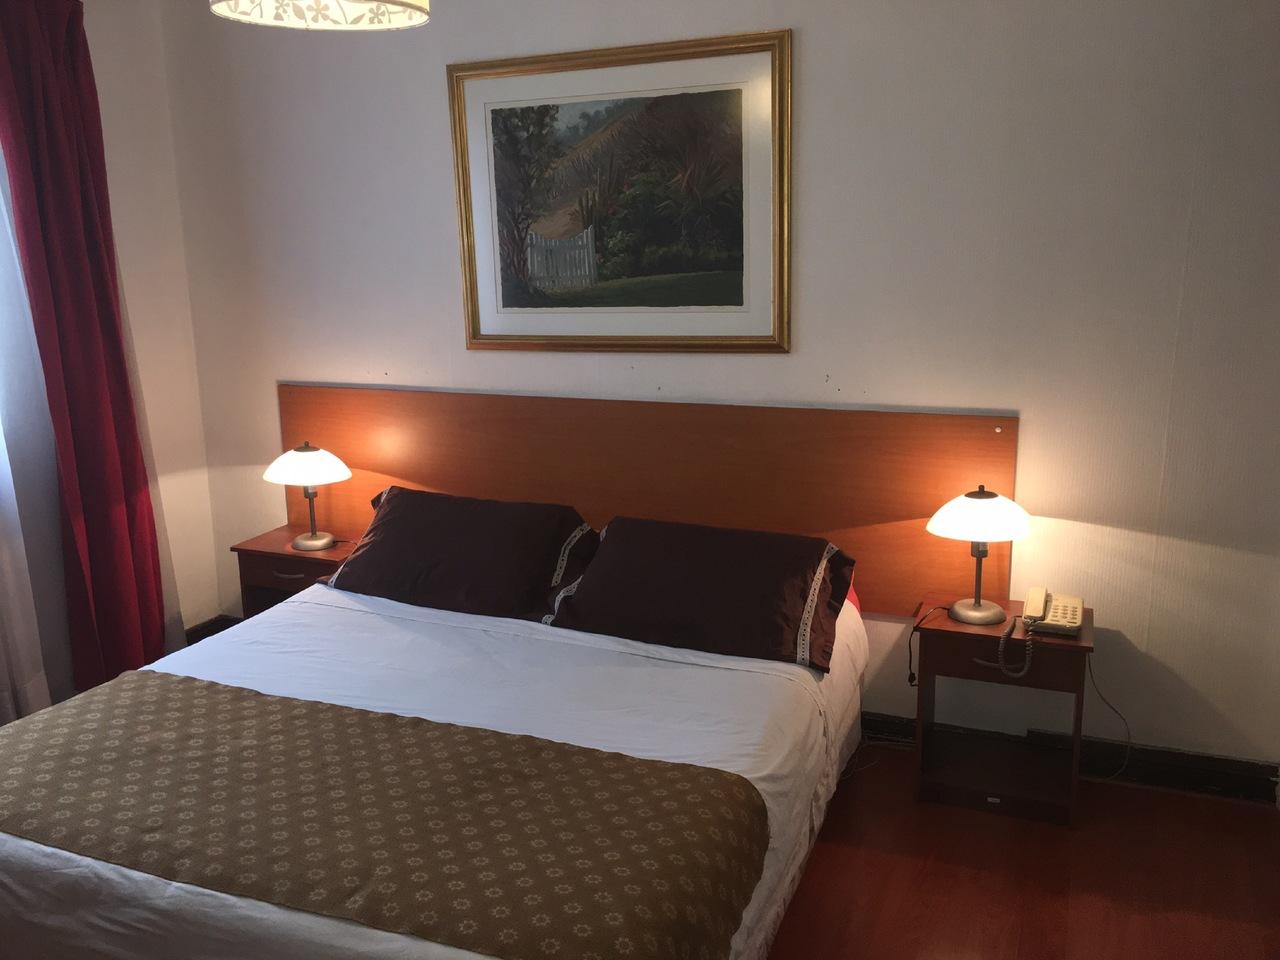 Habitación Matrimonial en Hotel Quito : MotelNow